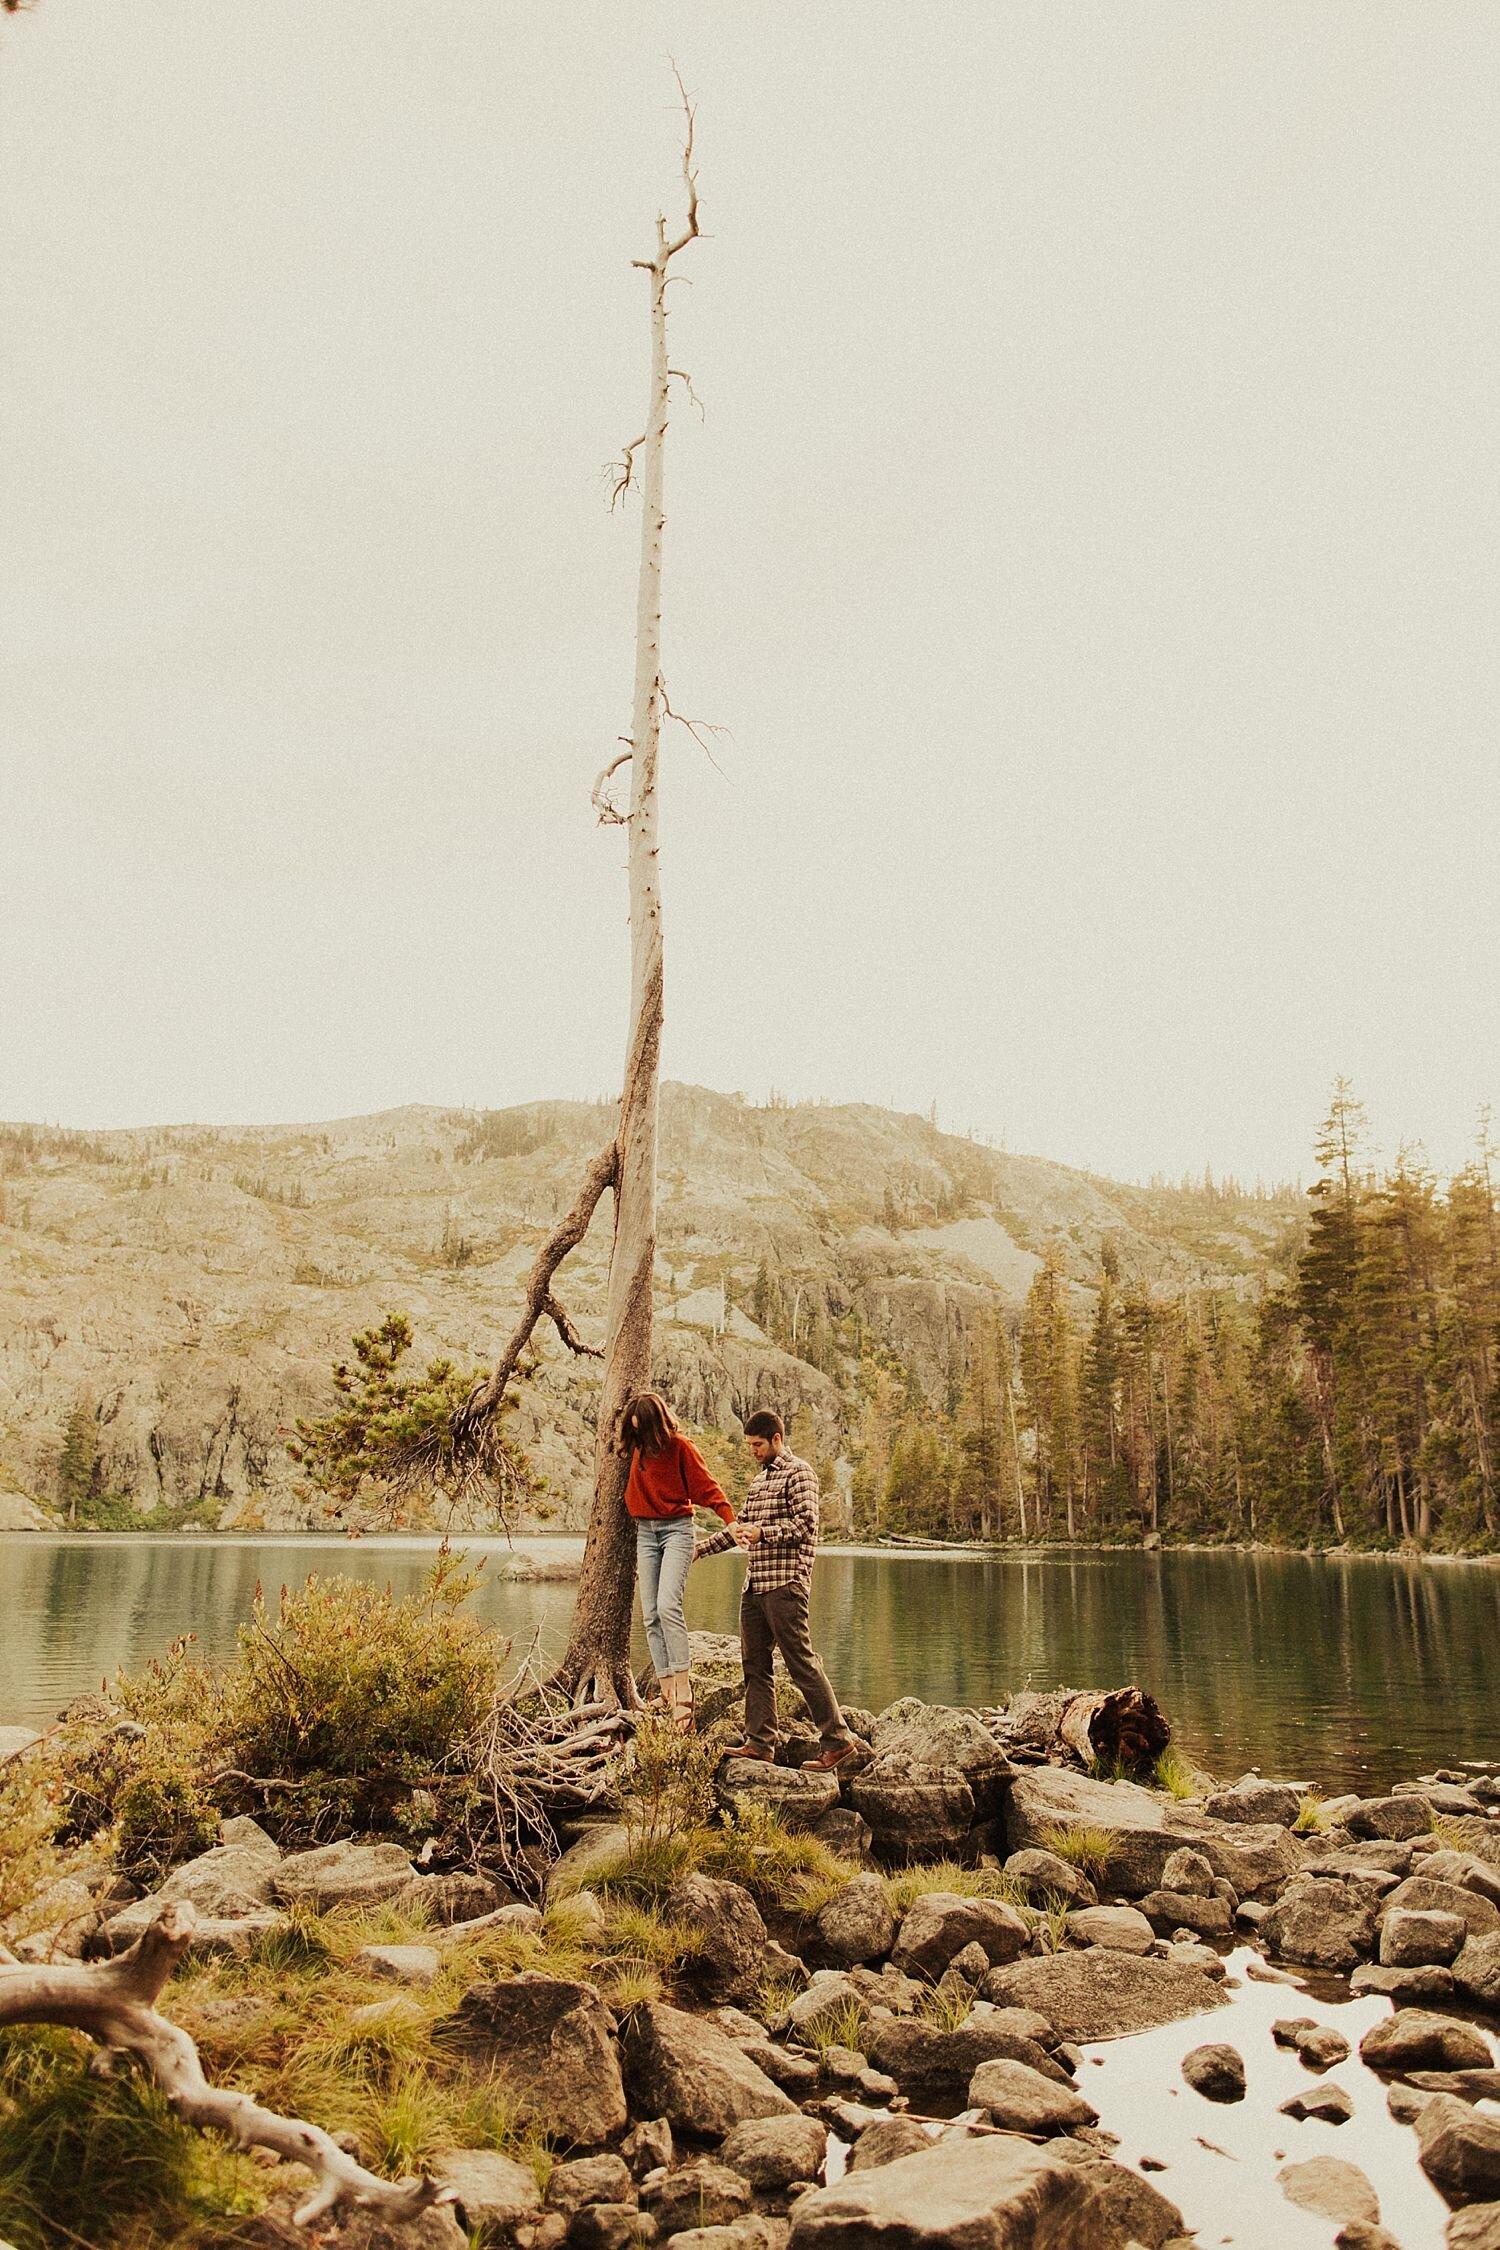 castle-lake-mount-shasta-engagement-photos_4404.jpg